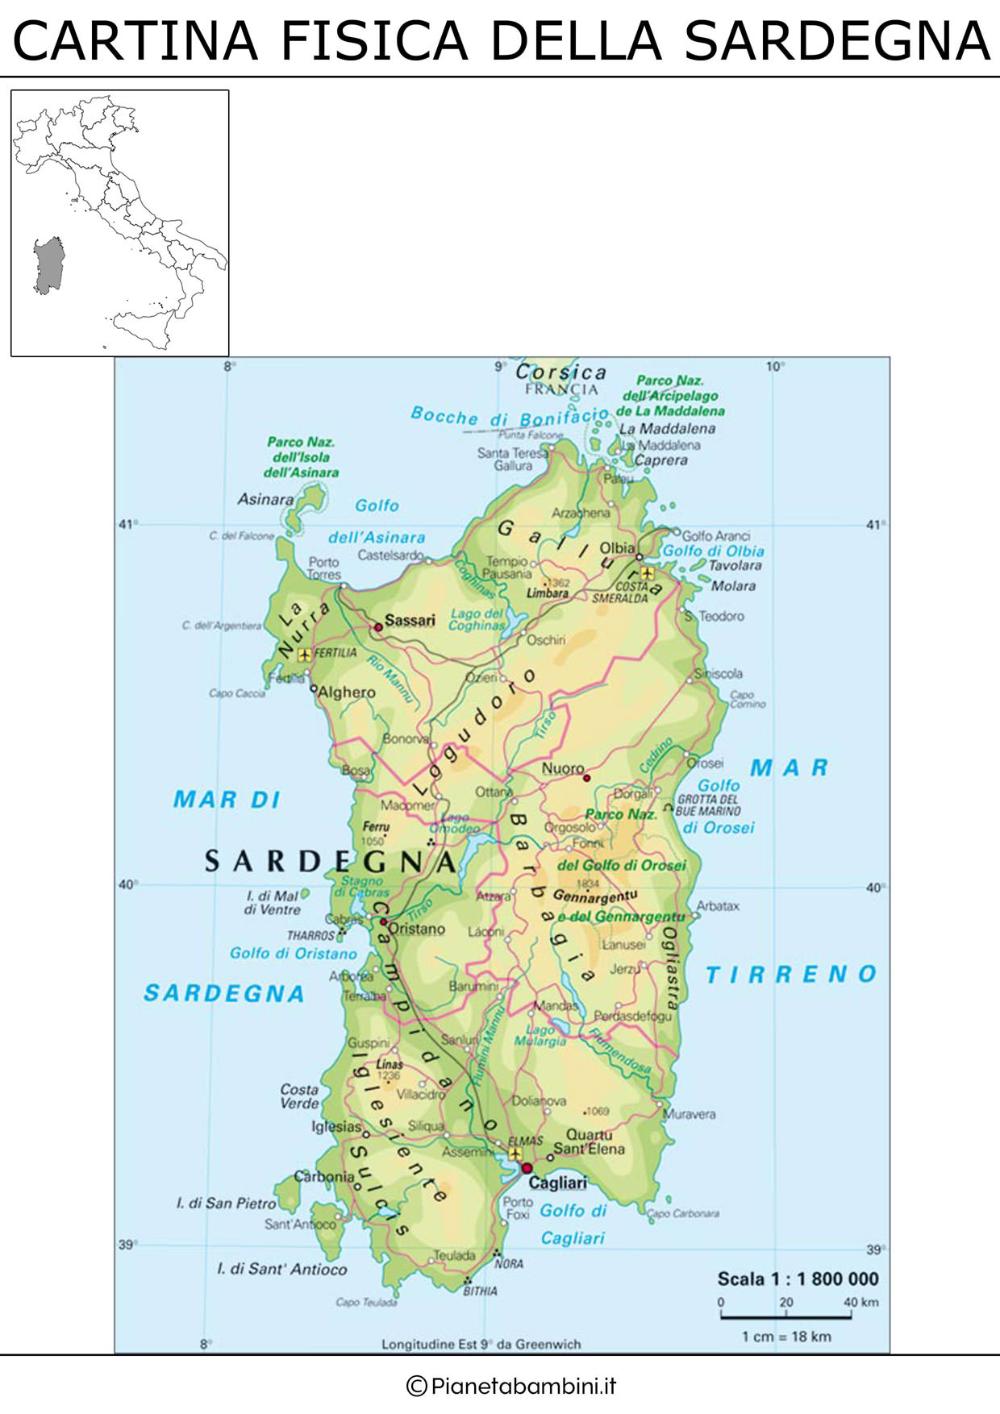 Cartina Sardegna Tharros.Cartina Fisica Della Sardegna Da Stampare Ricerca Google Nel 2020 Sardegna Fisico Geografia